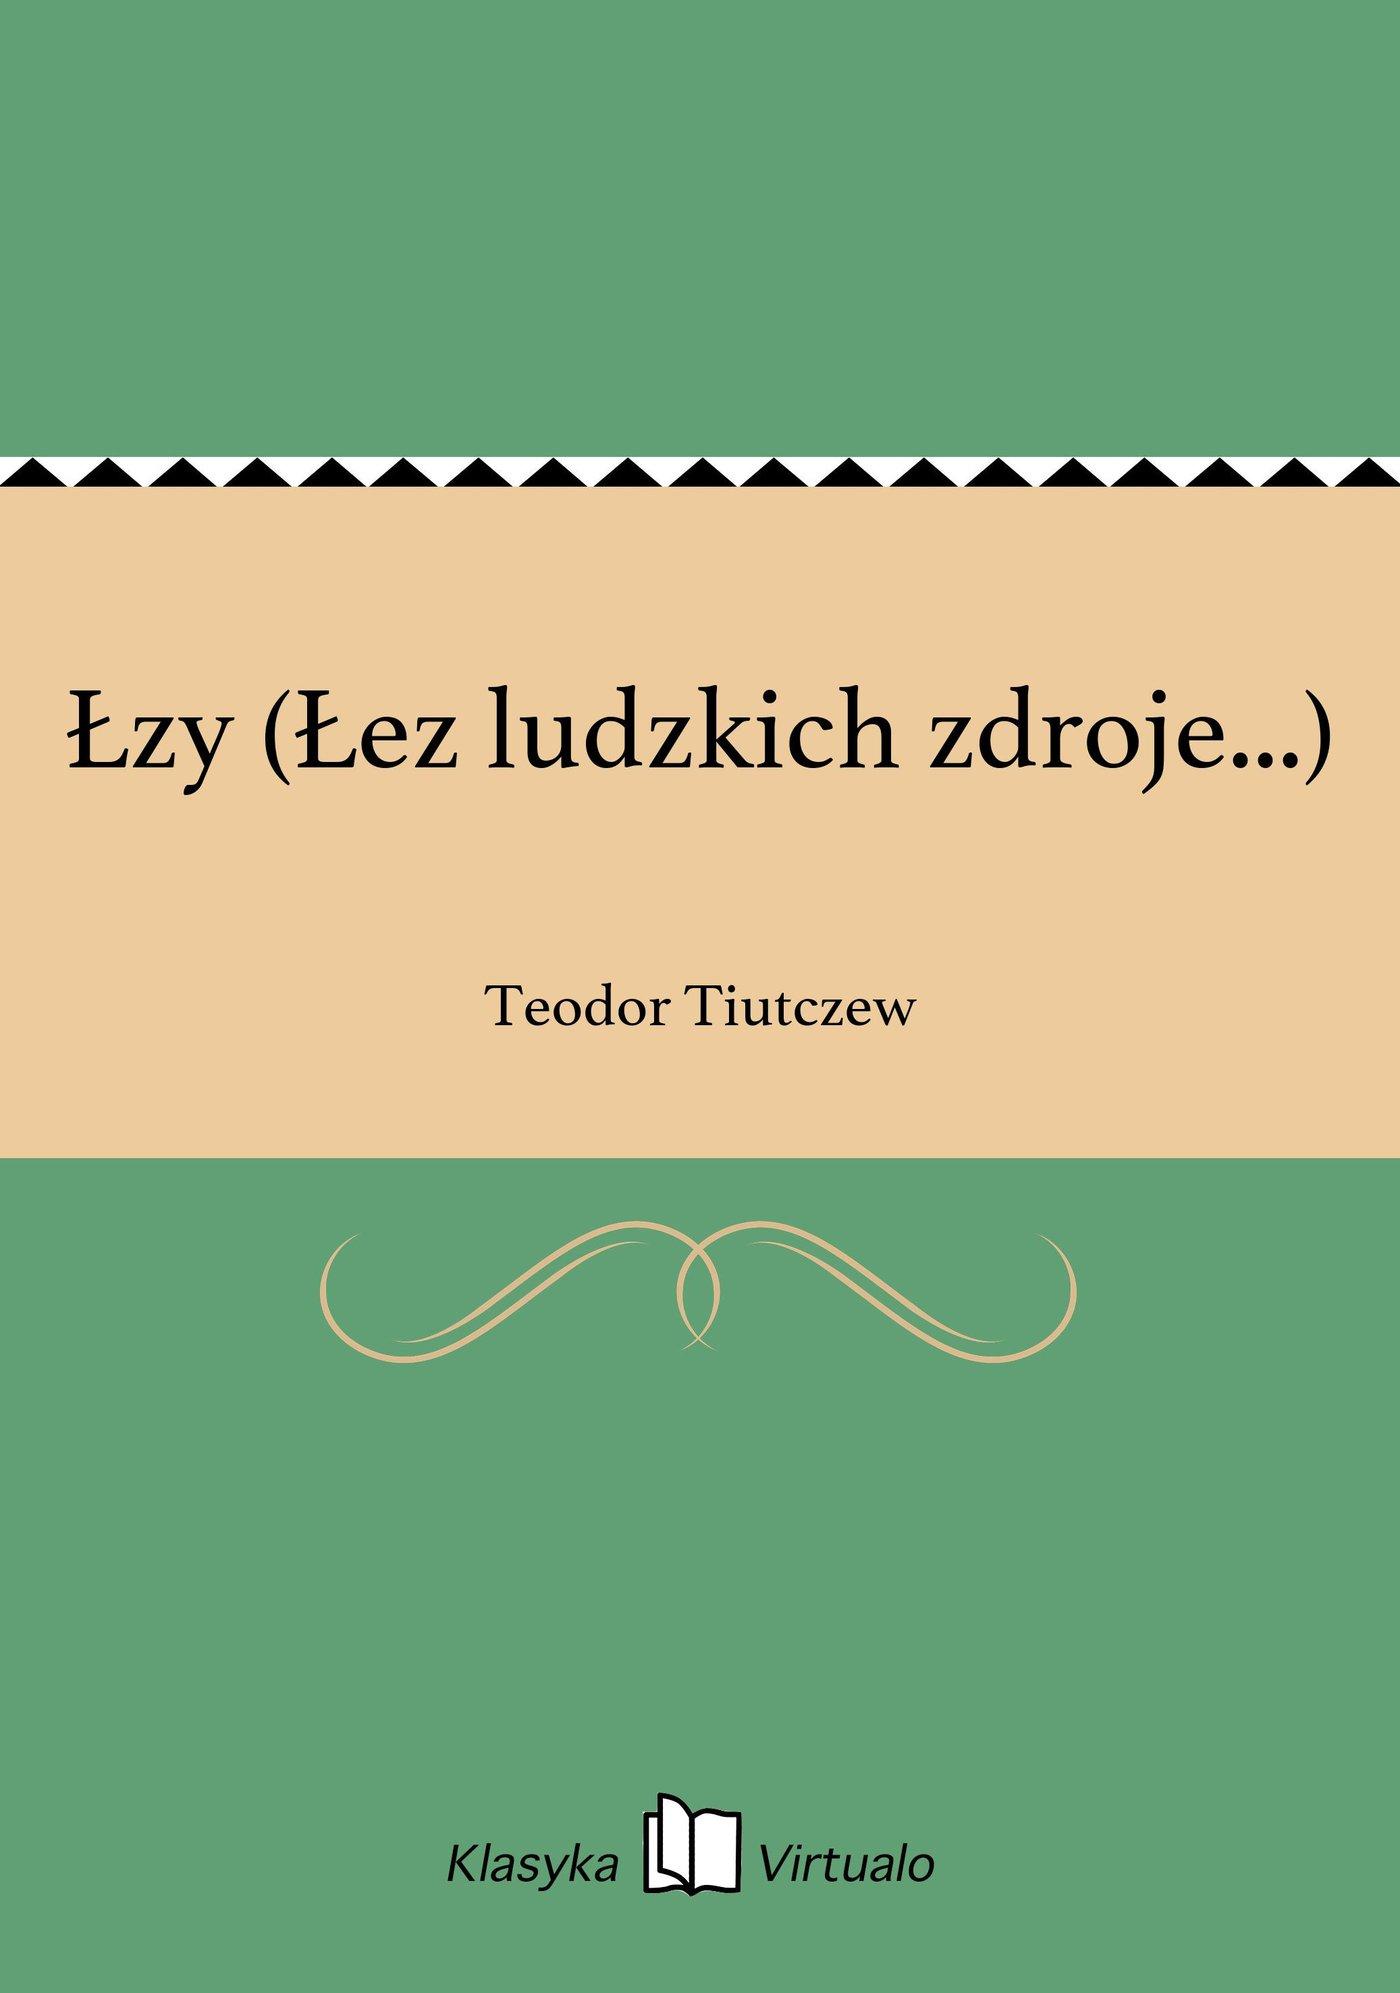 Łzy (Łez ludzkich zdroje...) - Ebook (Książka EPUB) do pobrania w formacie EPUB